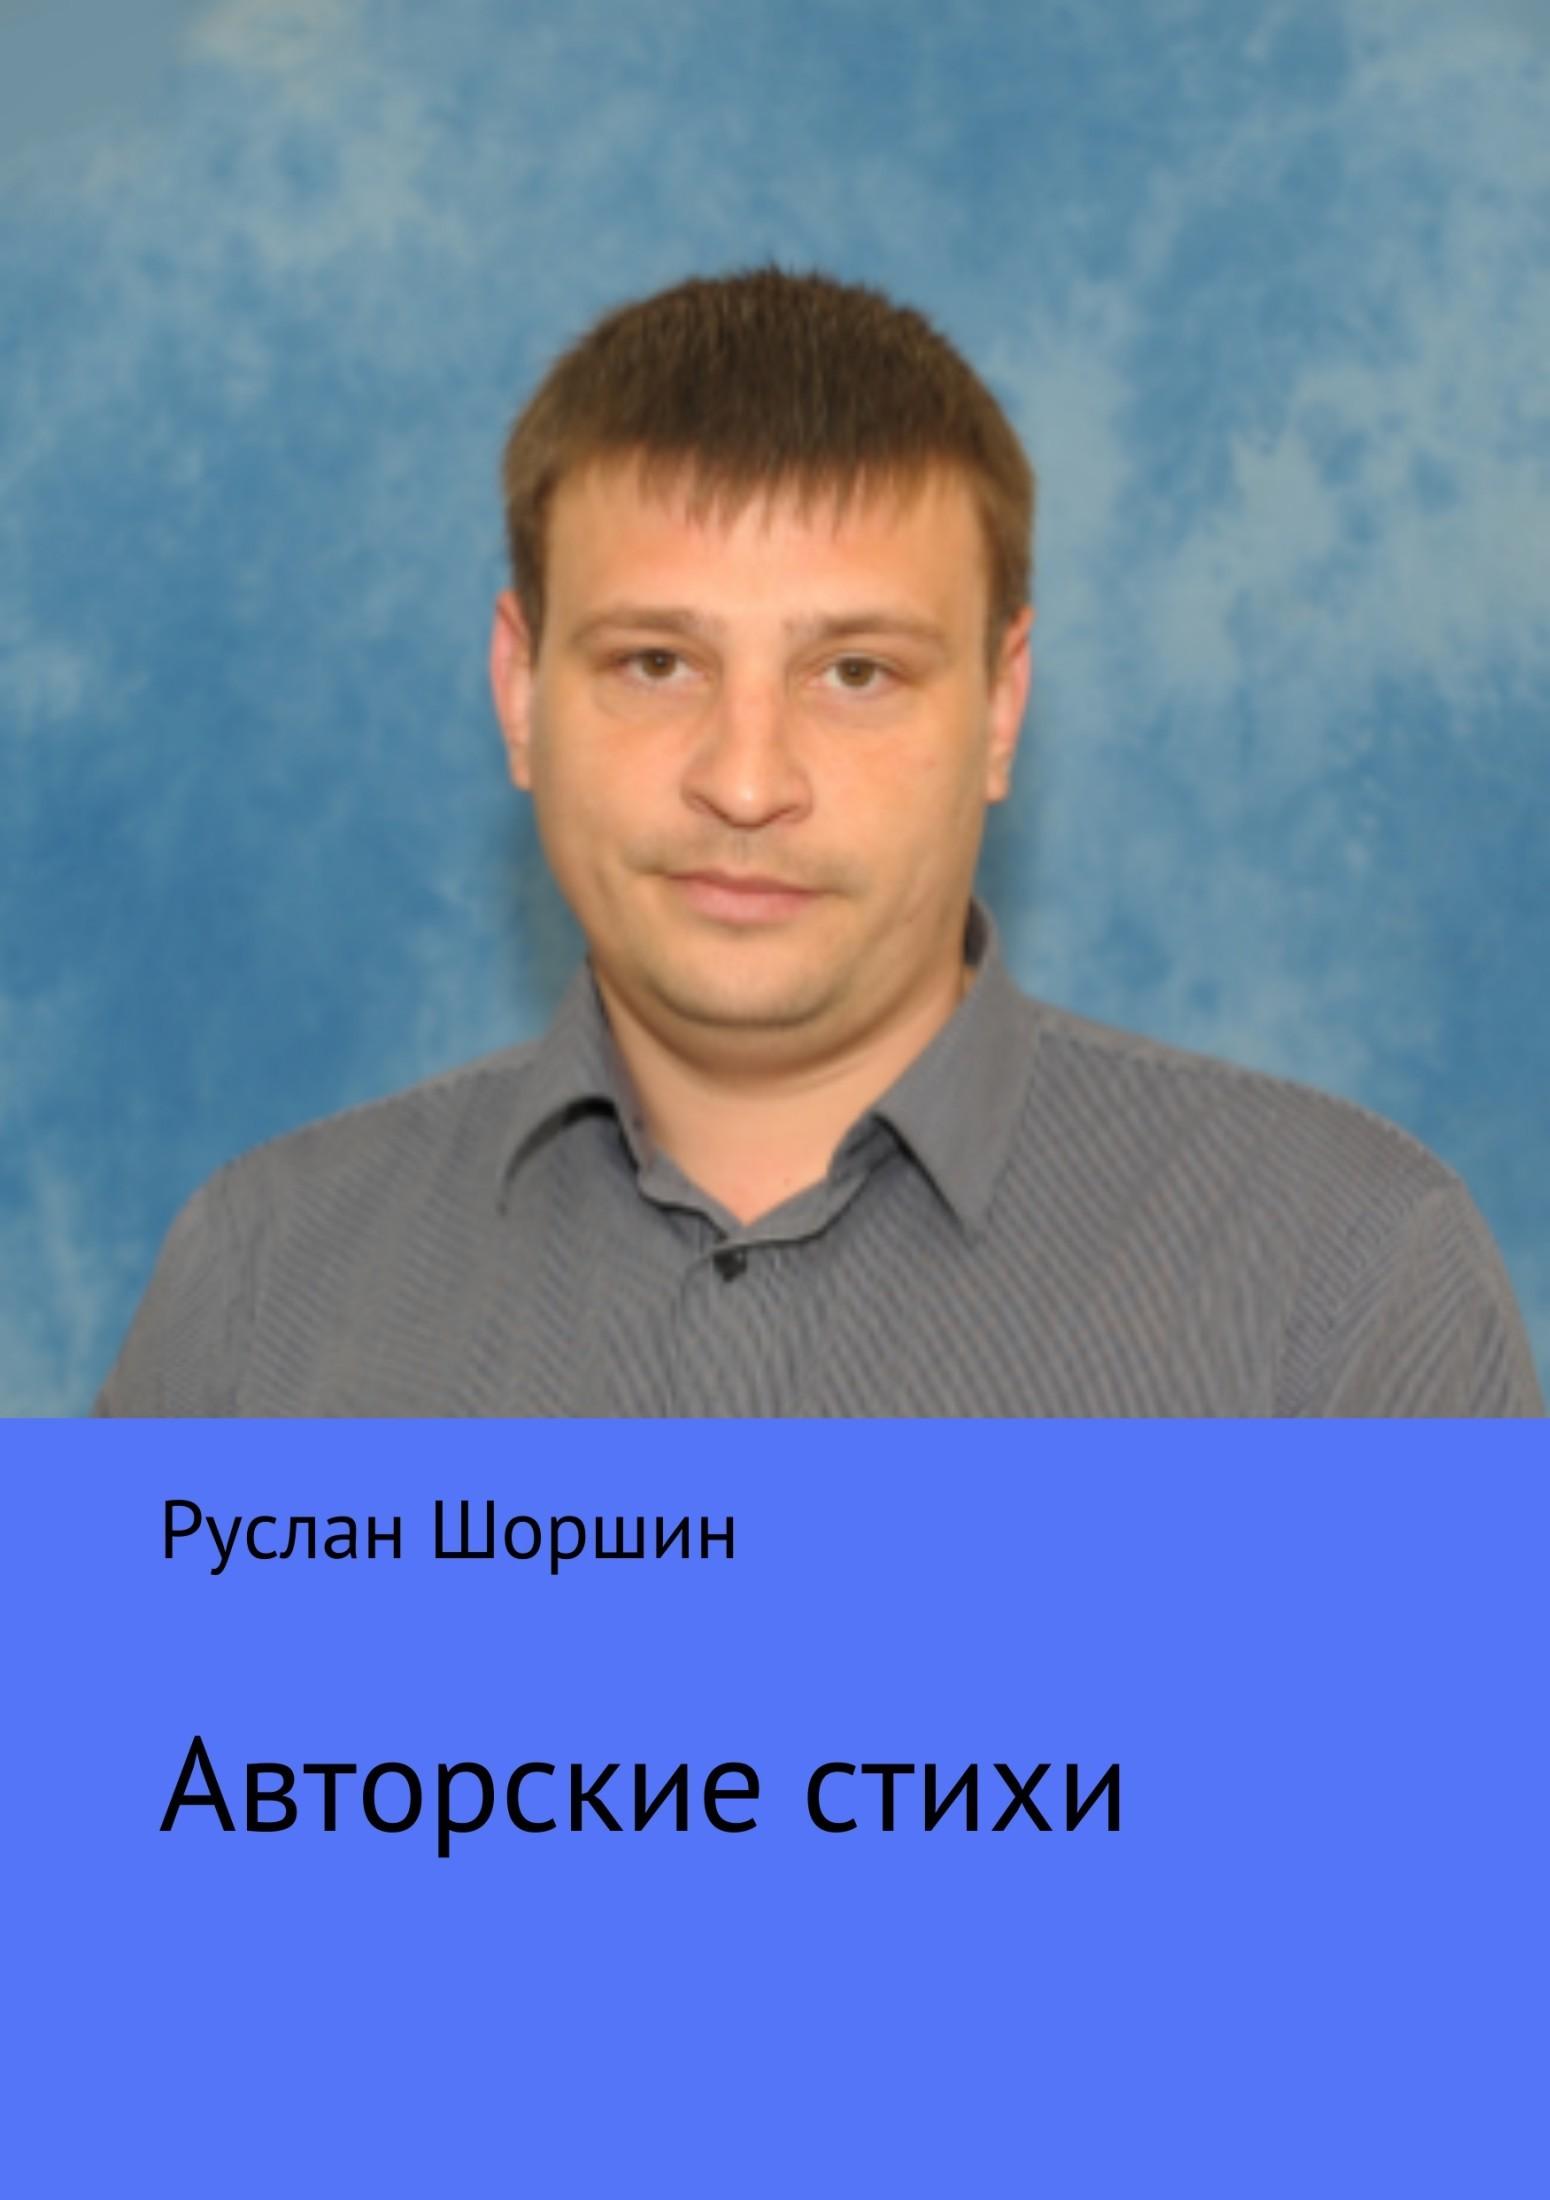 Руслан Николаевич Шоршин Авторские стихи